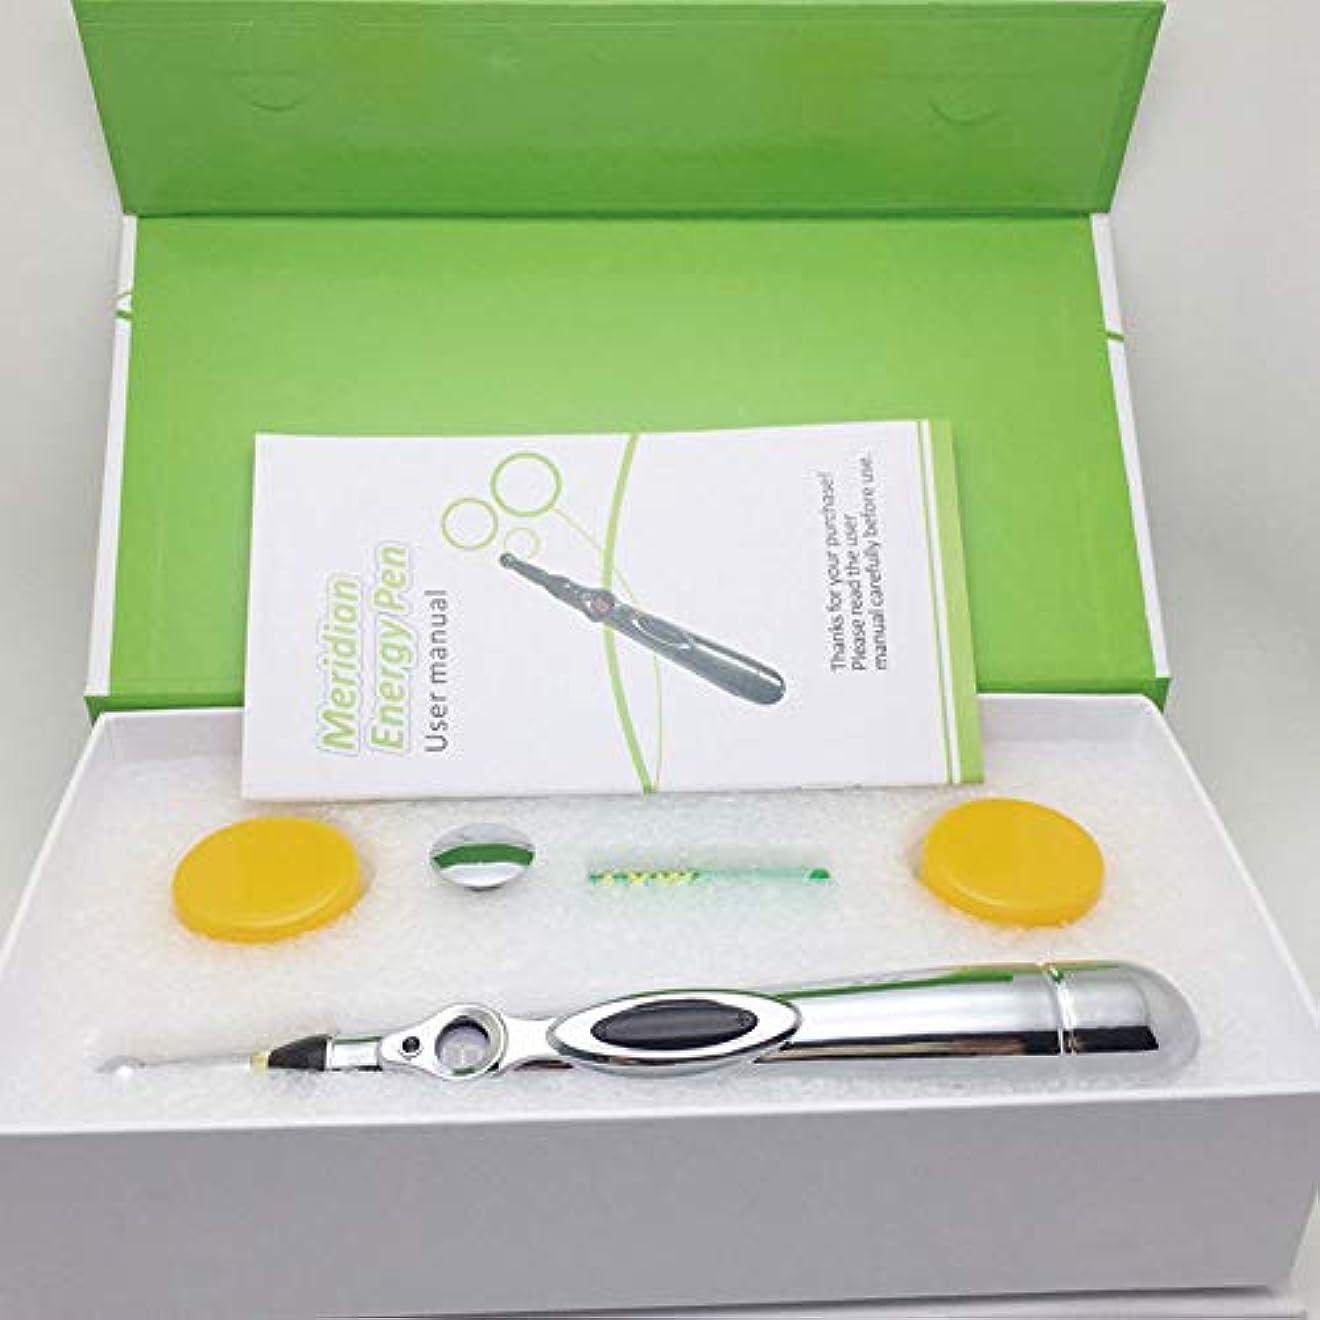 埋めるリンケージ観察循環エネルギーメリディアンペンマジックメリディアンマッサージペンメリディアンツボペン中年用品